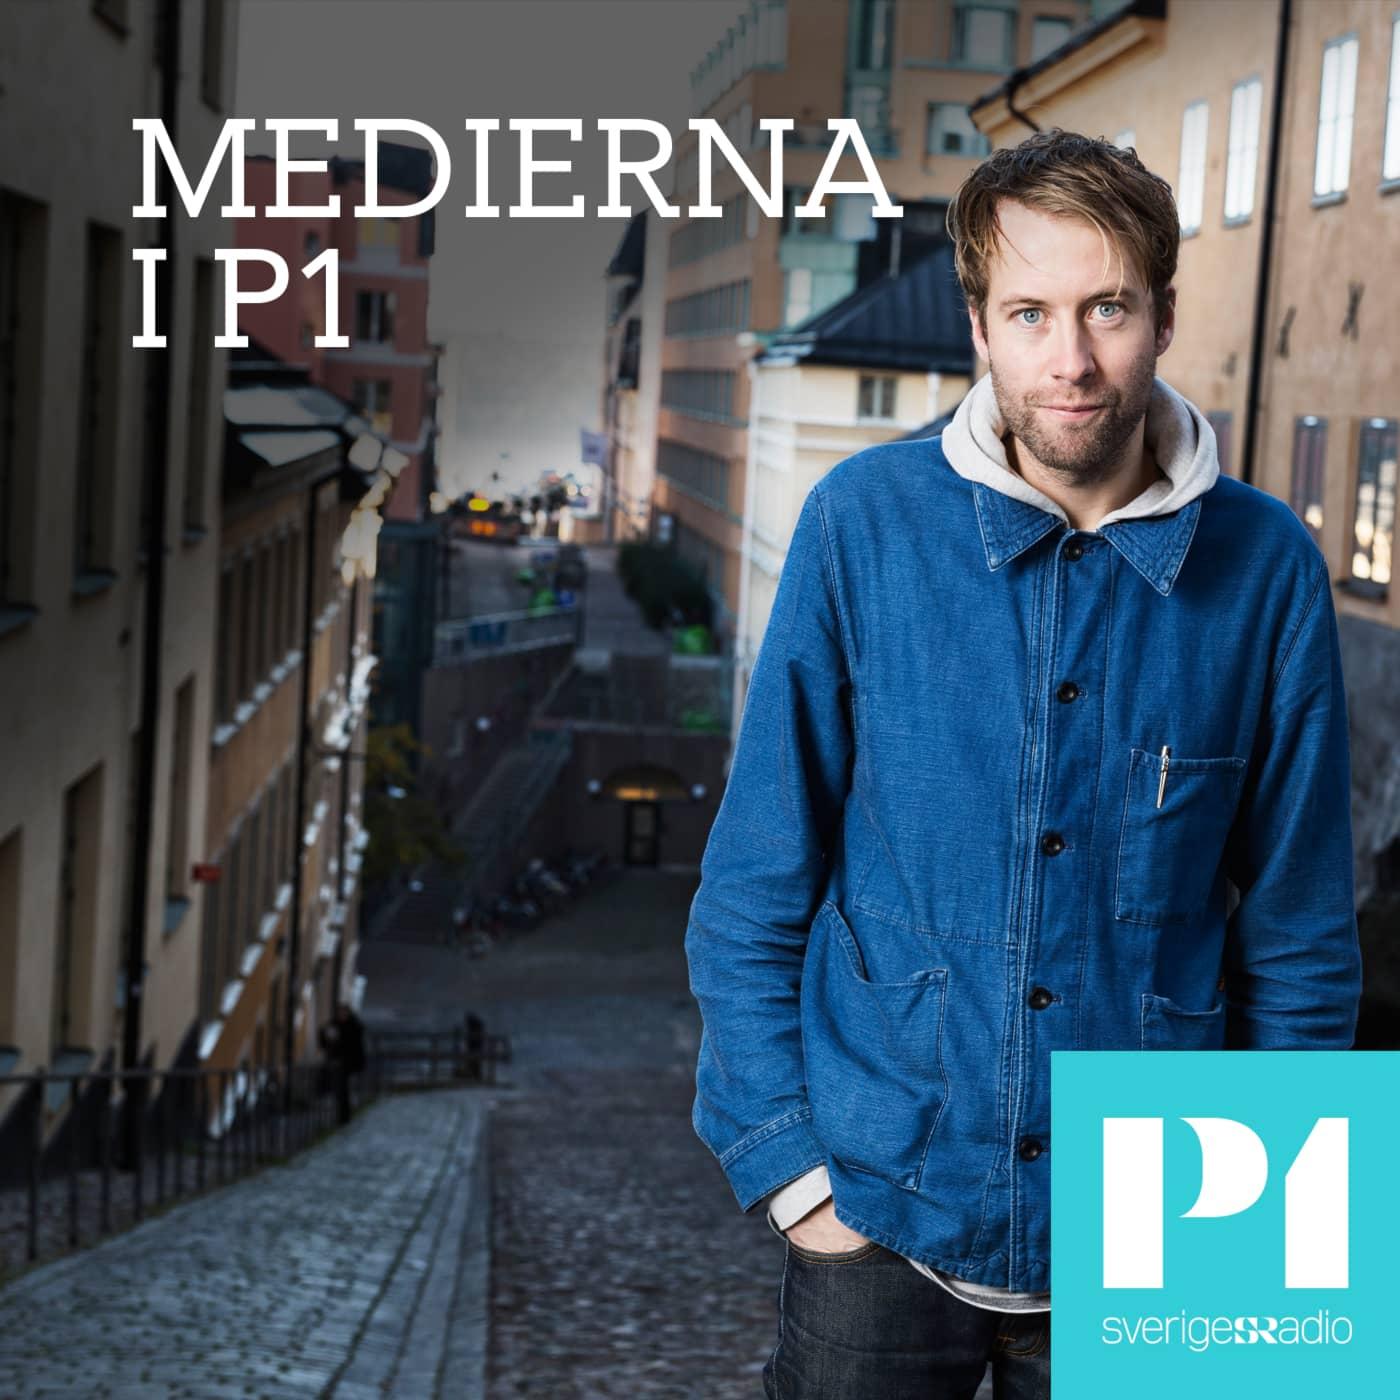 Medierna i P1